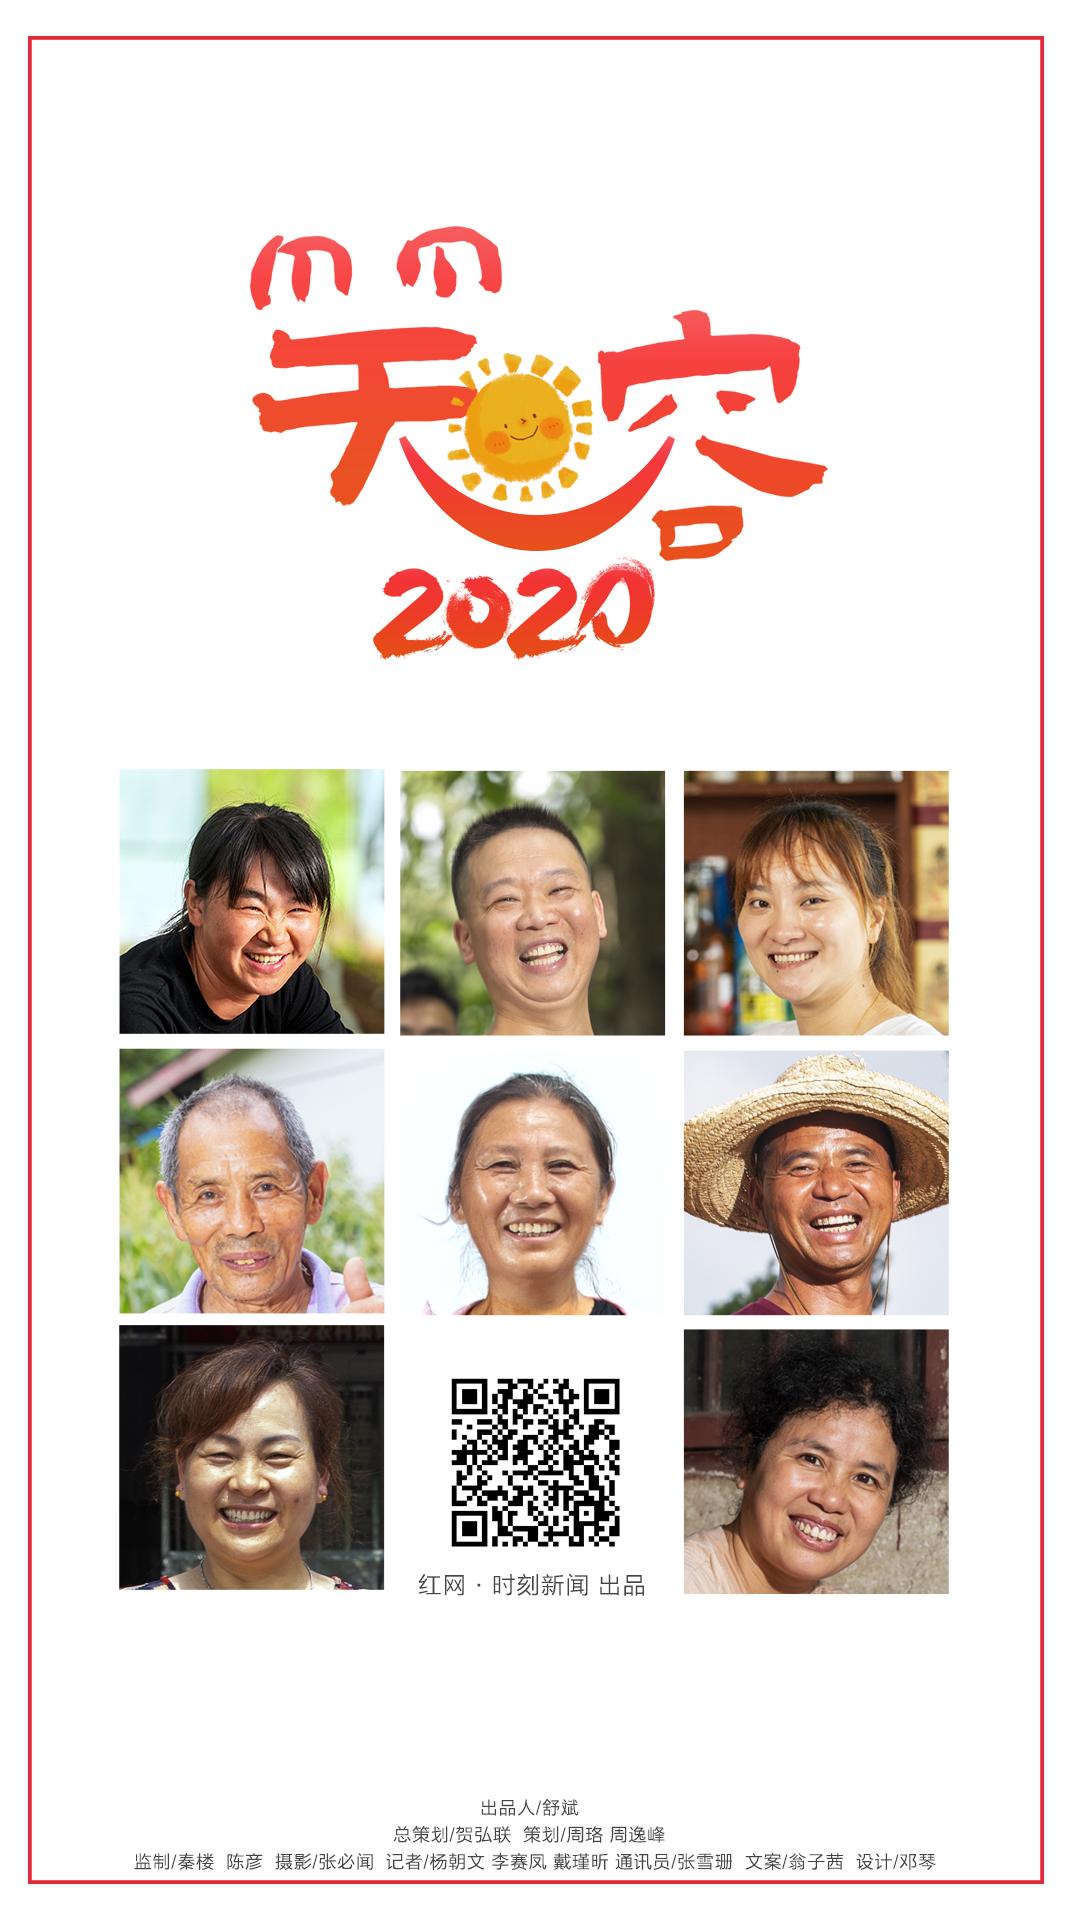 张必闻笑容2020logo.jpg